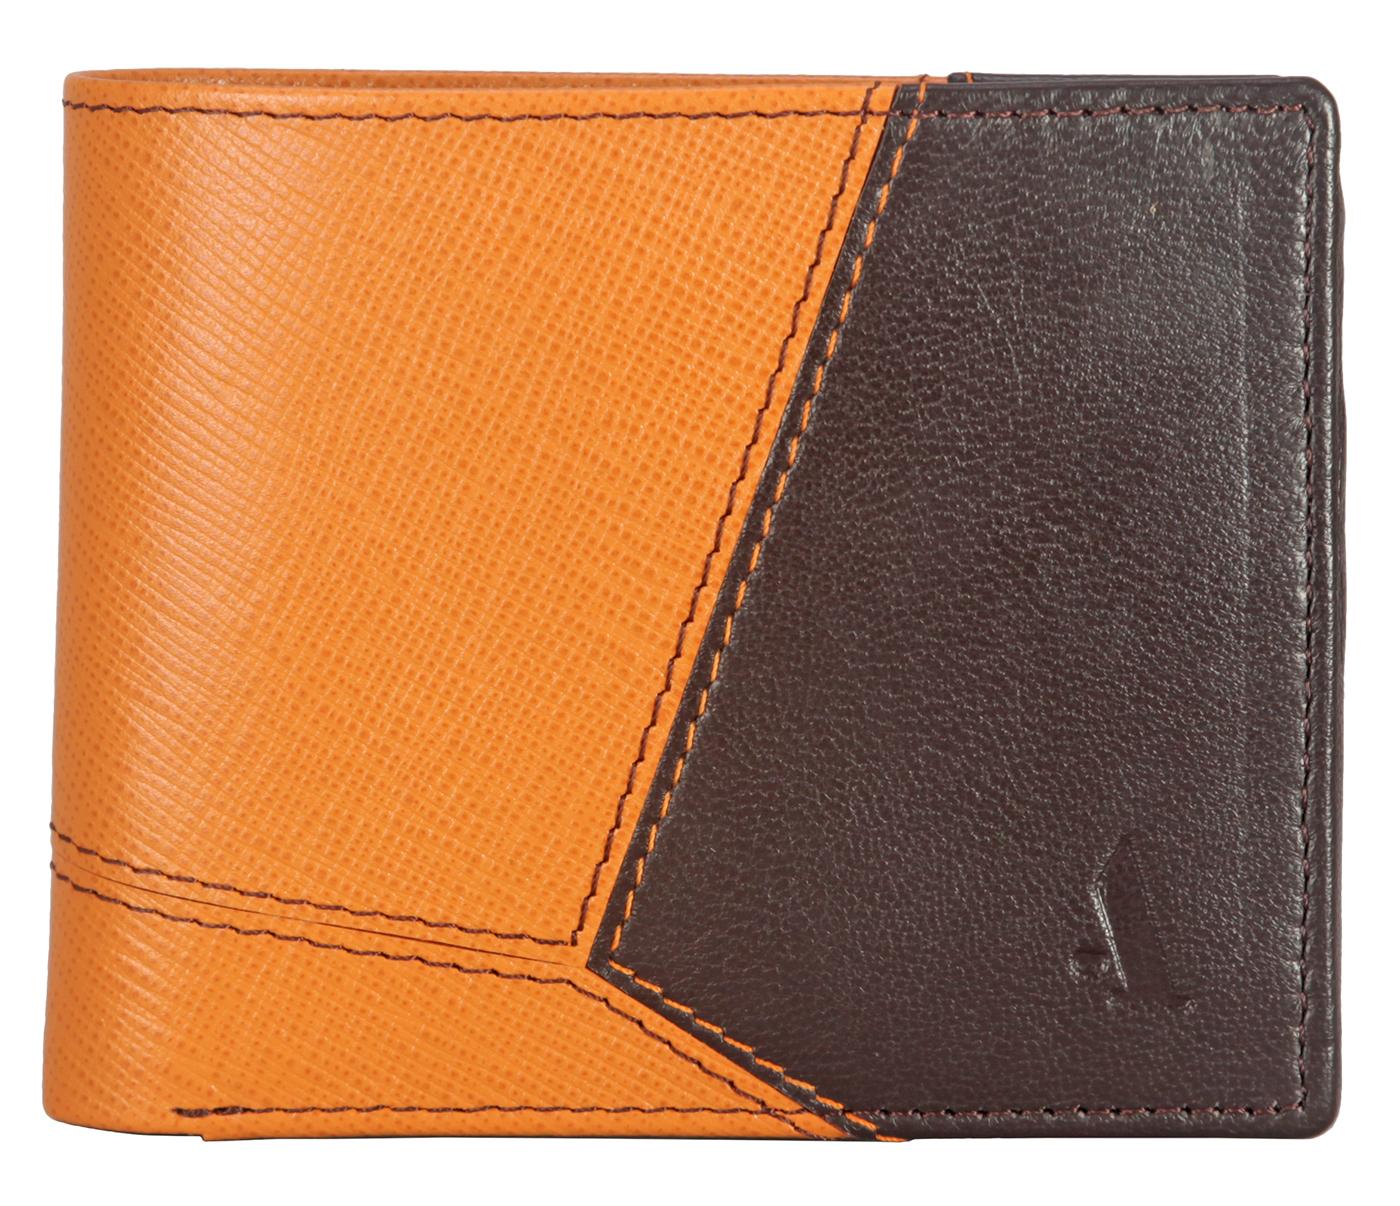 Wallet - W327